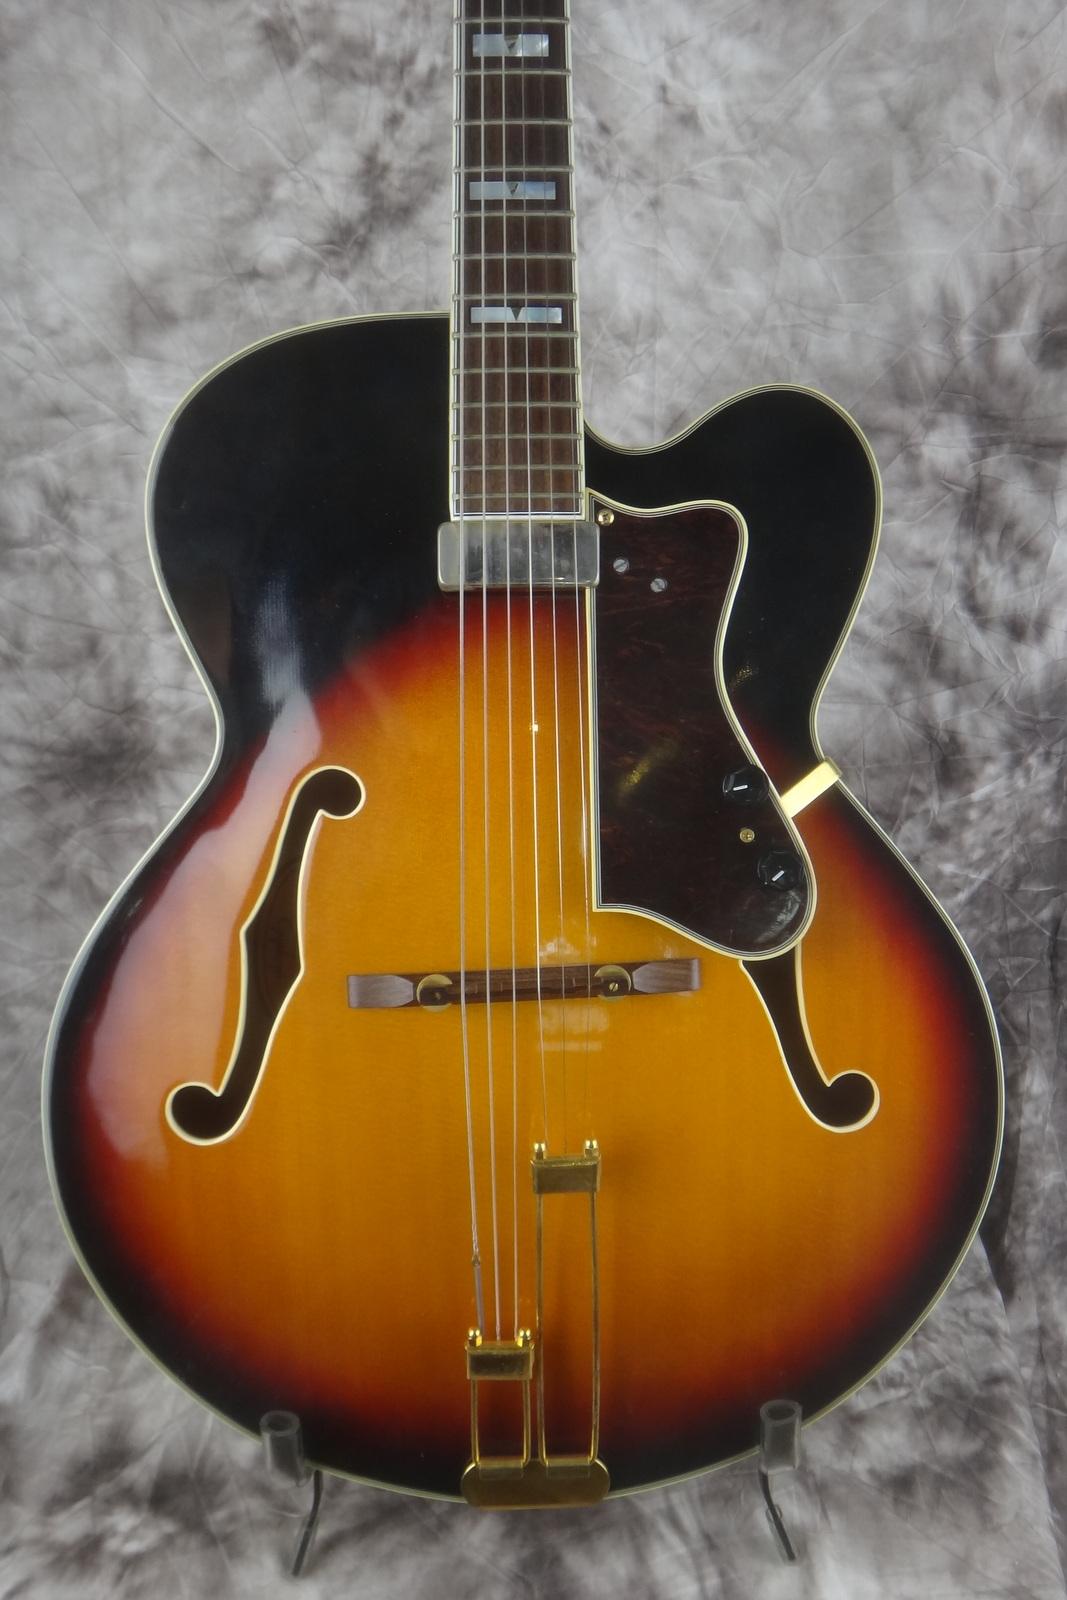 epiphone emperor regent 1990 39 s sunburst guitar for sale vintage guitar oldenburg. Black Bedroom Furniture Sets. Home Design Ideas